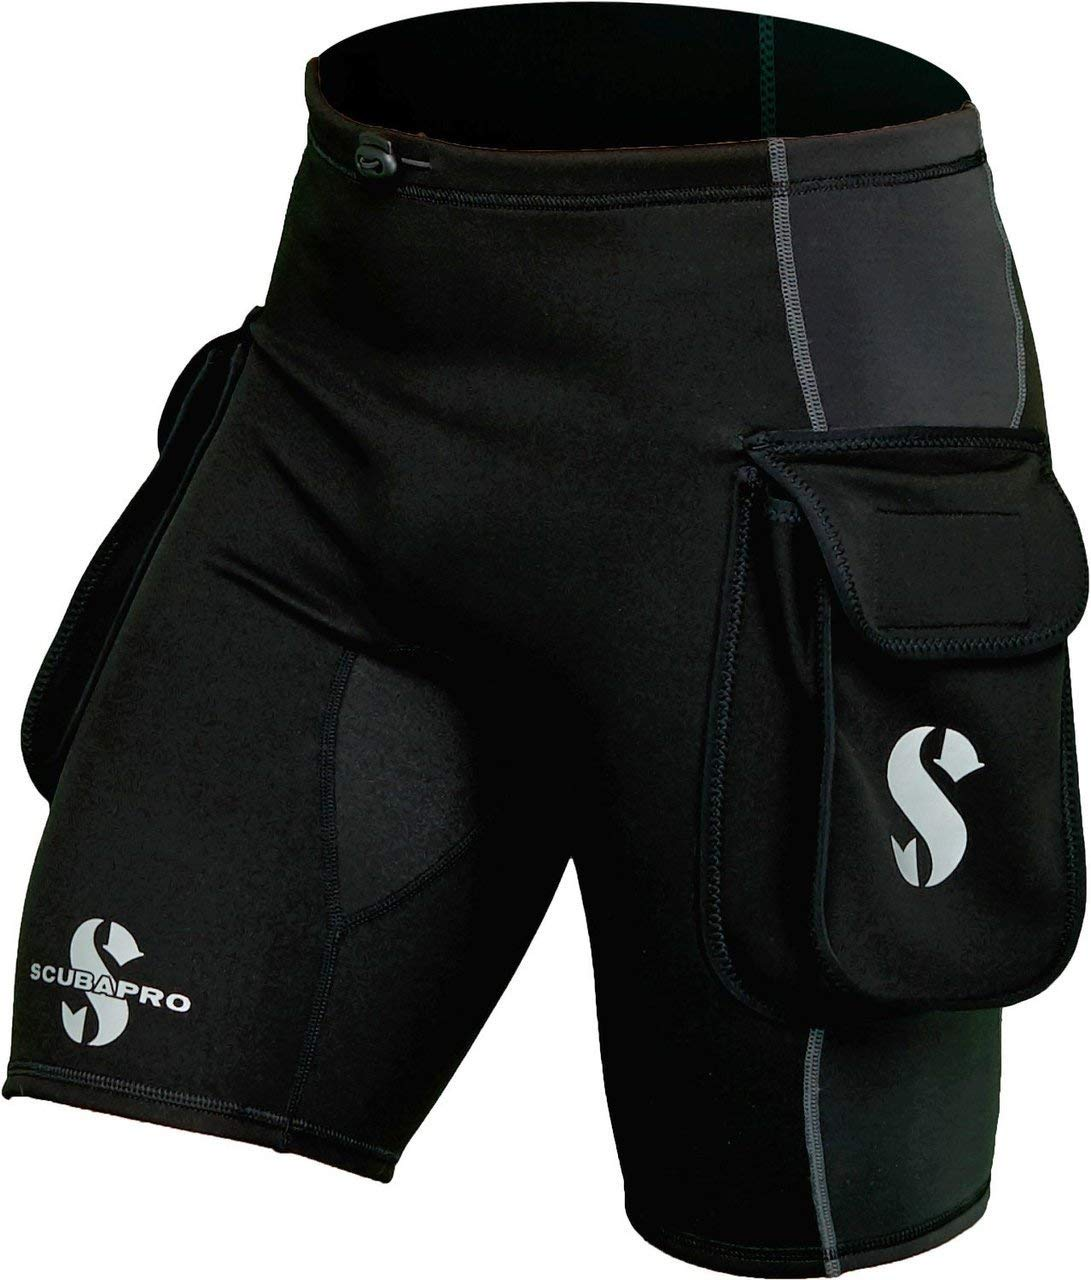 Amazon.com: Scubapro playera de híbrida pantalones cortos ...